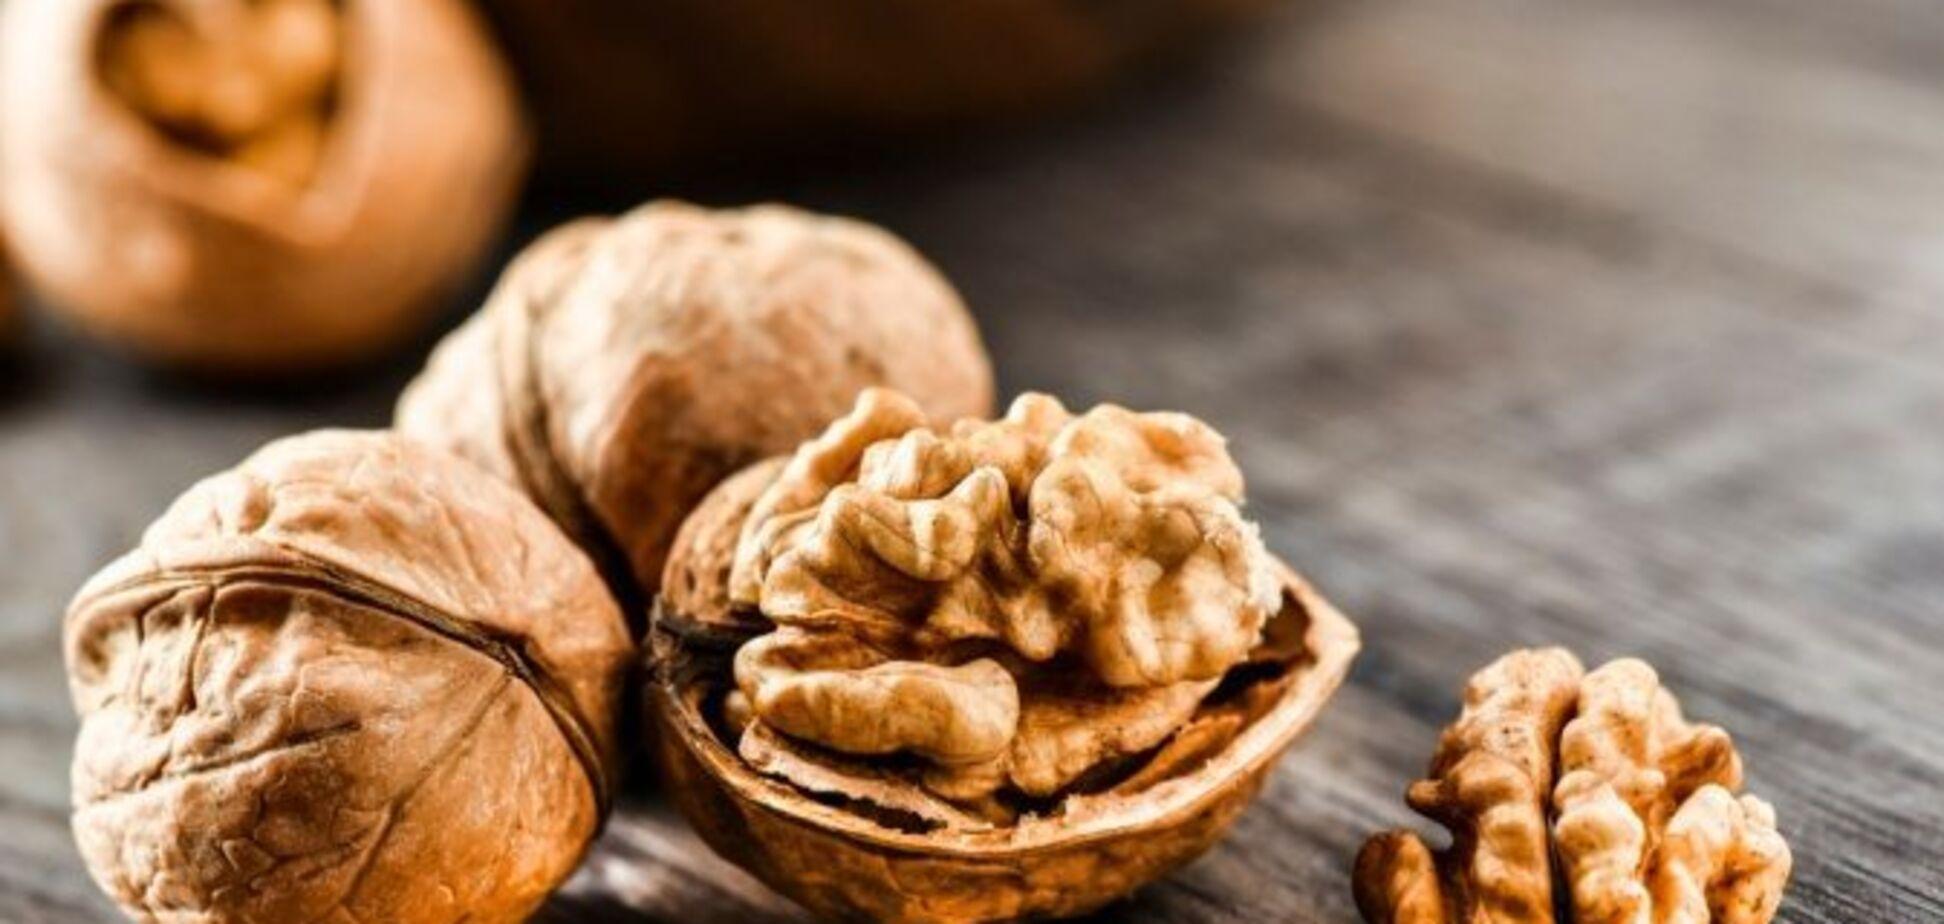 Ореховый спас 2018: что нельзя делать в этот праздник